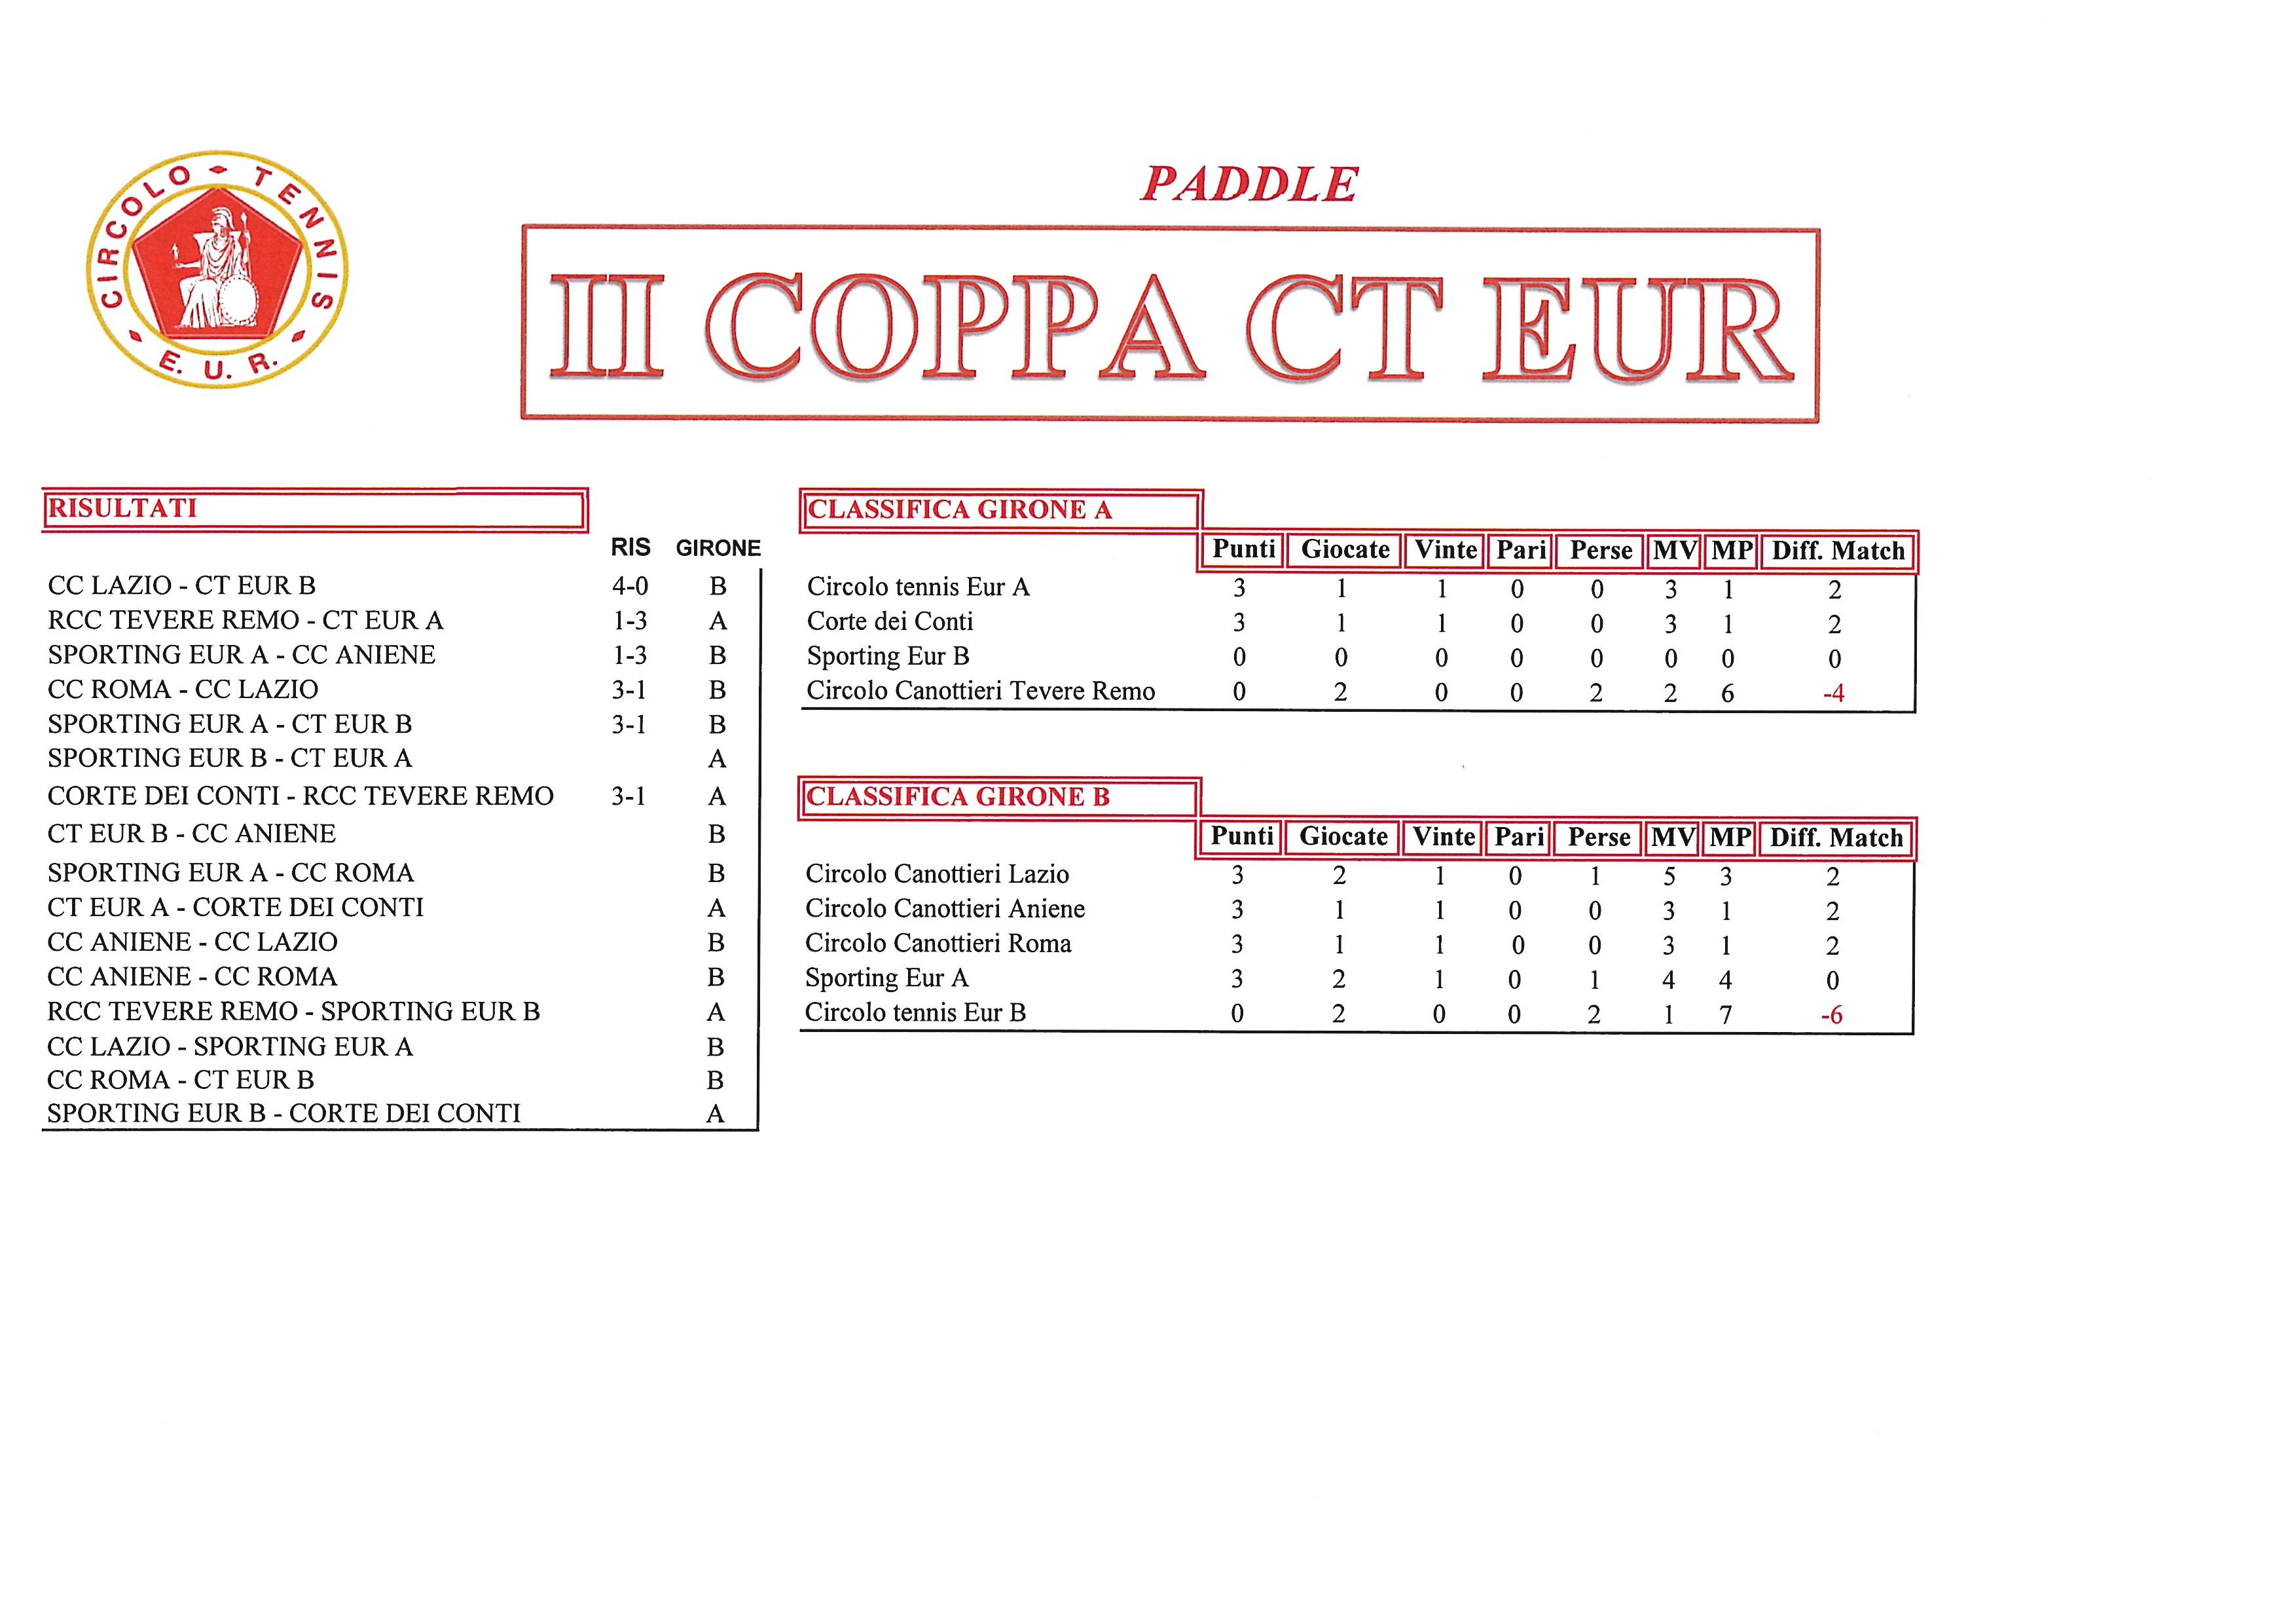 Coppa-CT-Eur-risultati-del-28-settembre-2017-Paddle